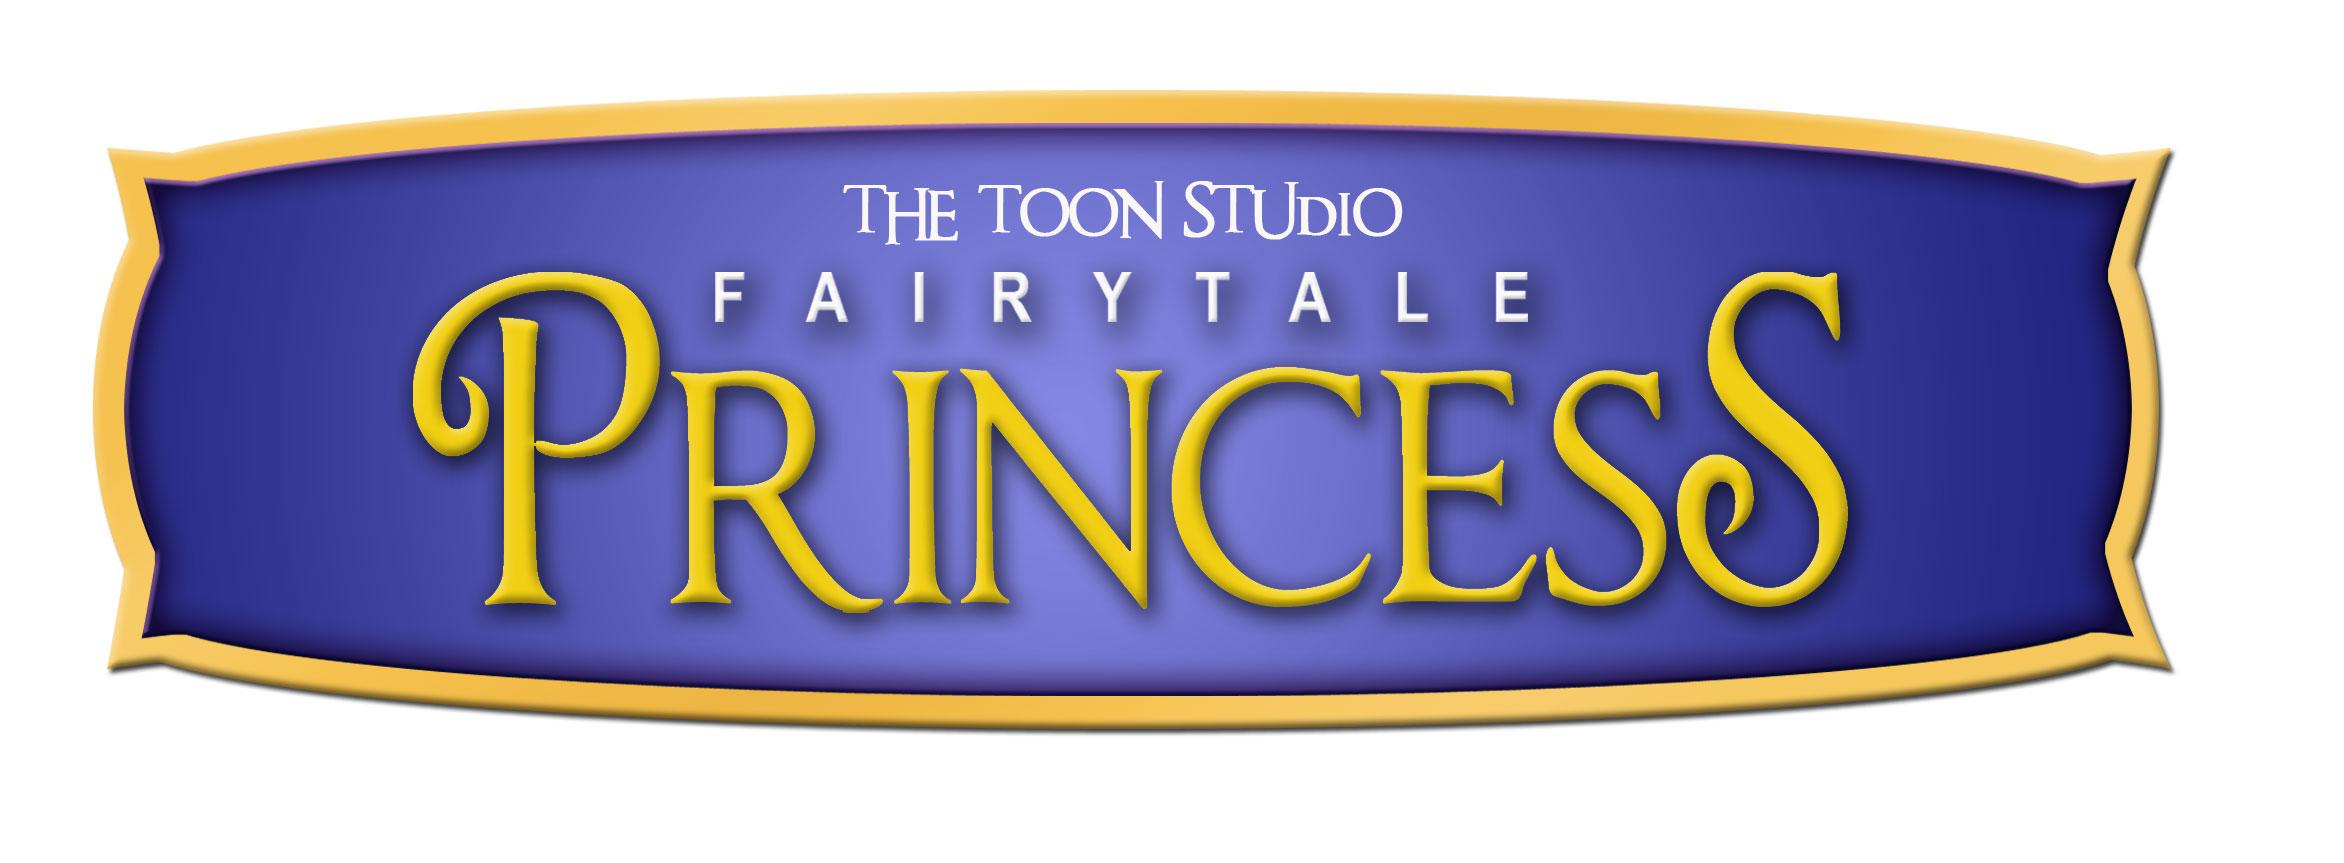 FAIRYTALE-PRINCESS-logo.jpg